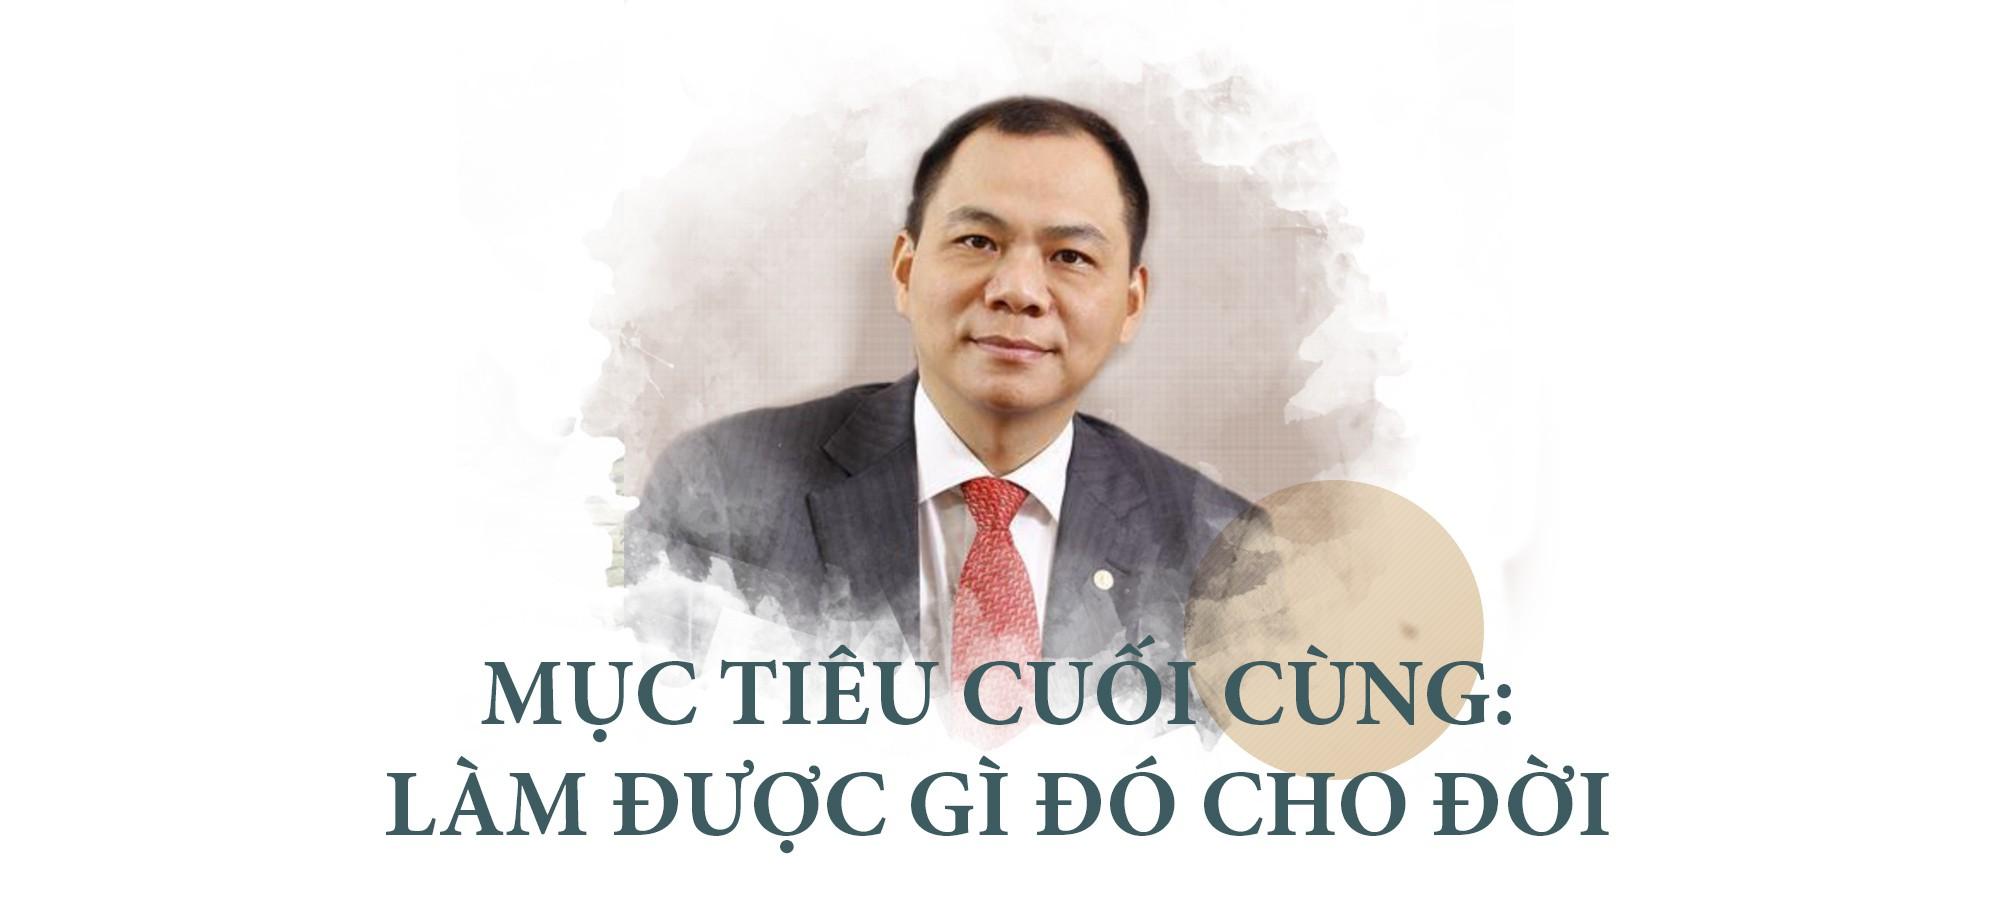 Ông Phạm Nhật Vượng: Thế giới phải biết Việt Nam trí tuệ, đẳng cấp - Ảnh 31.